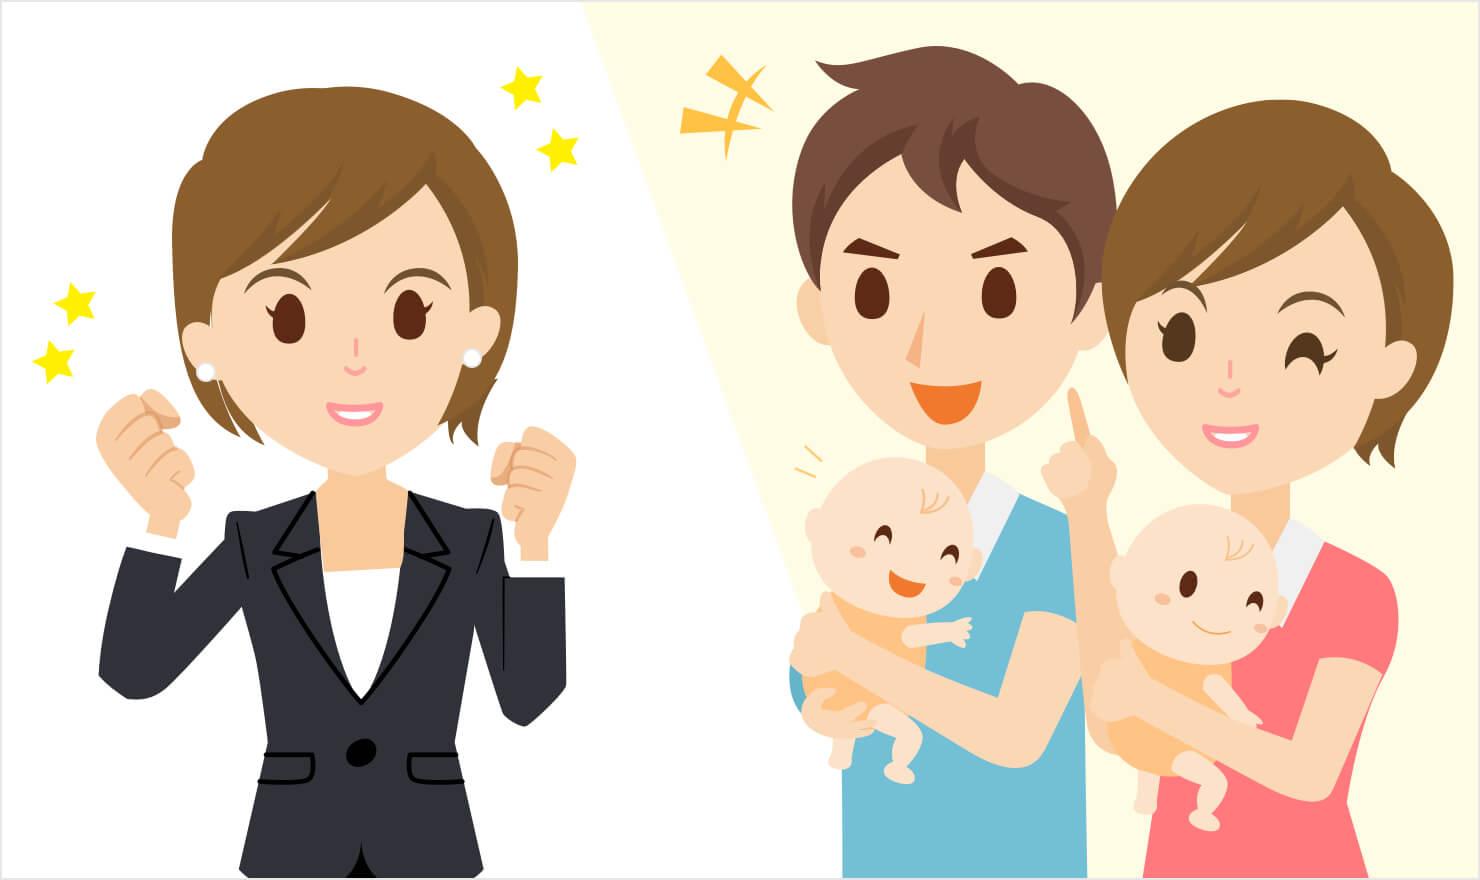 【結婚と転職】女性が働きやすい会社を見つける4つの方法